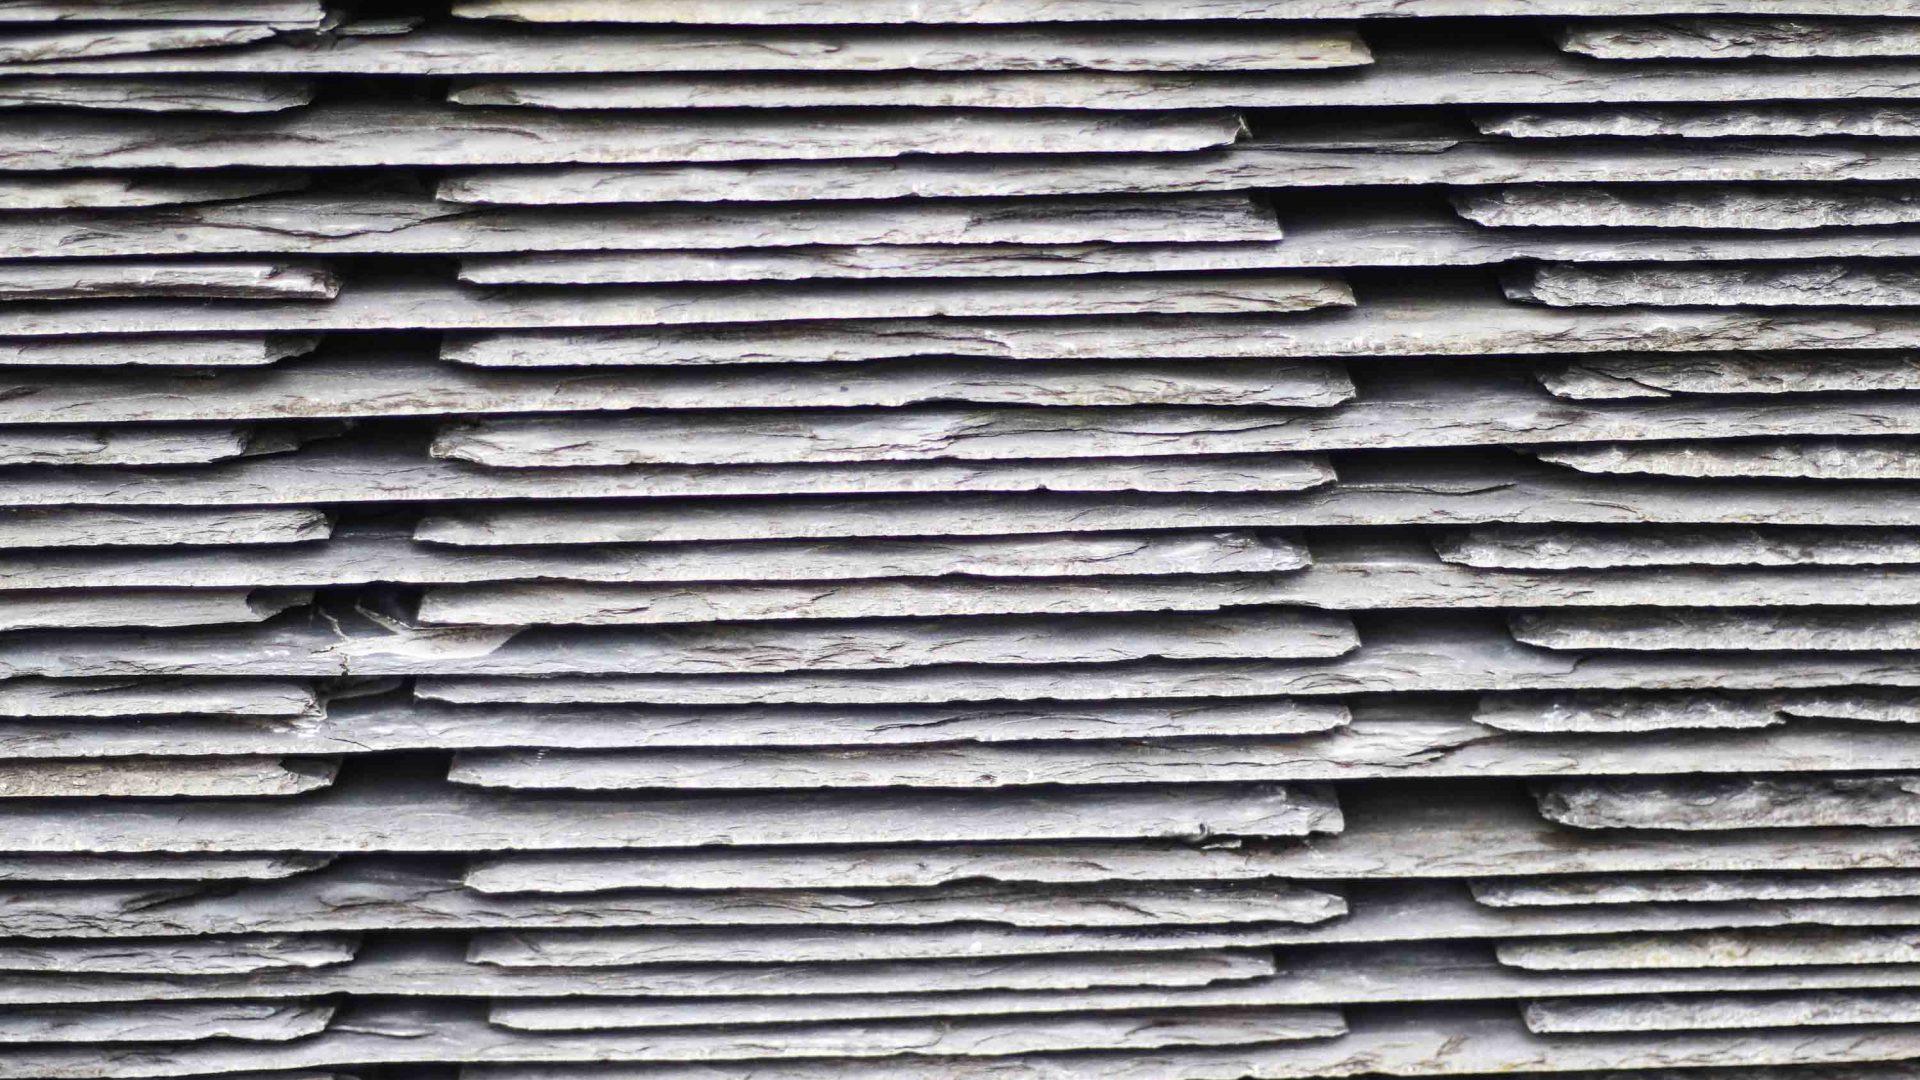 Slate stacked up in Blaenau Ffestiniog.